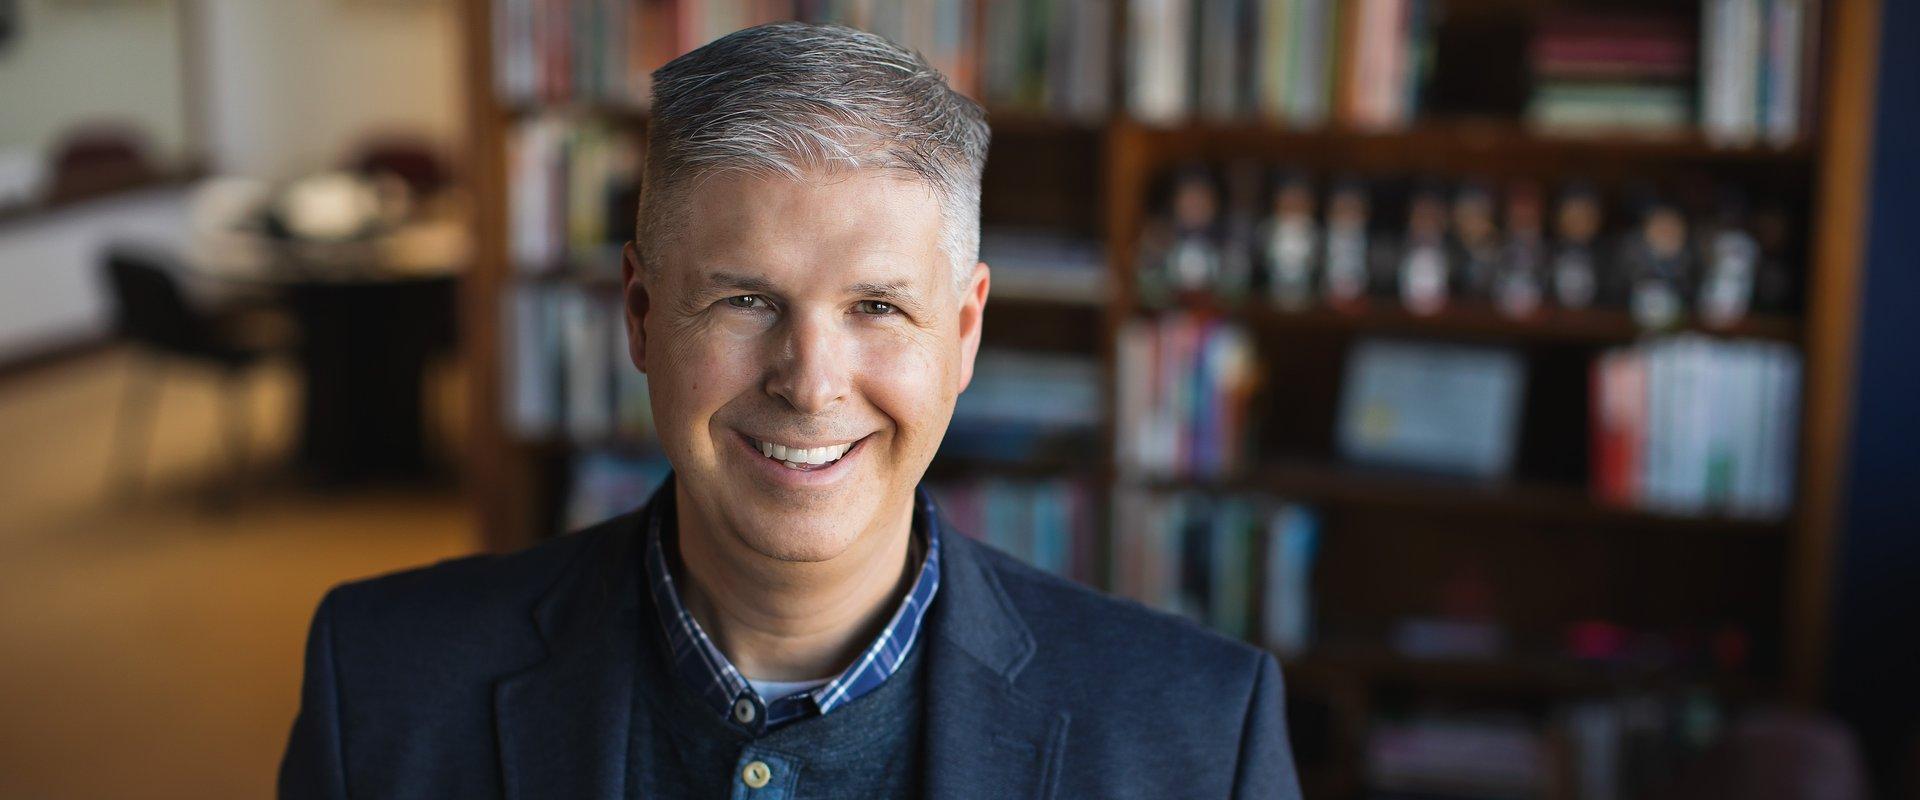 Brainerd bookstore hosts international book tour launch